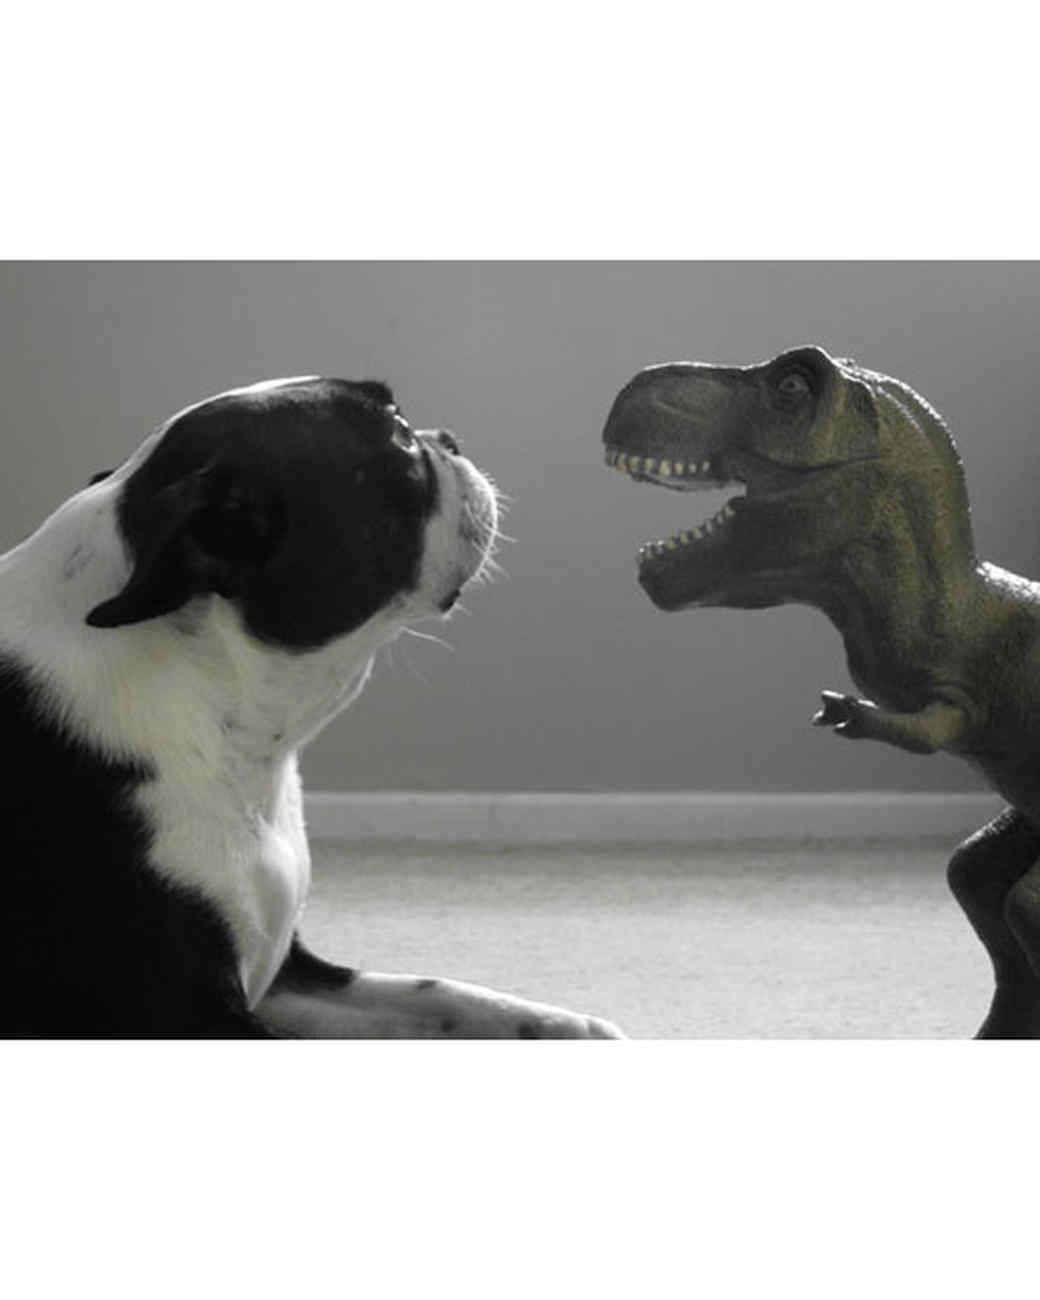 pets-at-play-0311-13096527_30827315.jpg